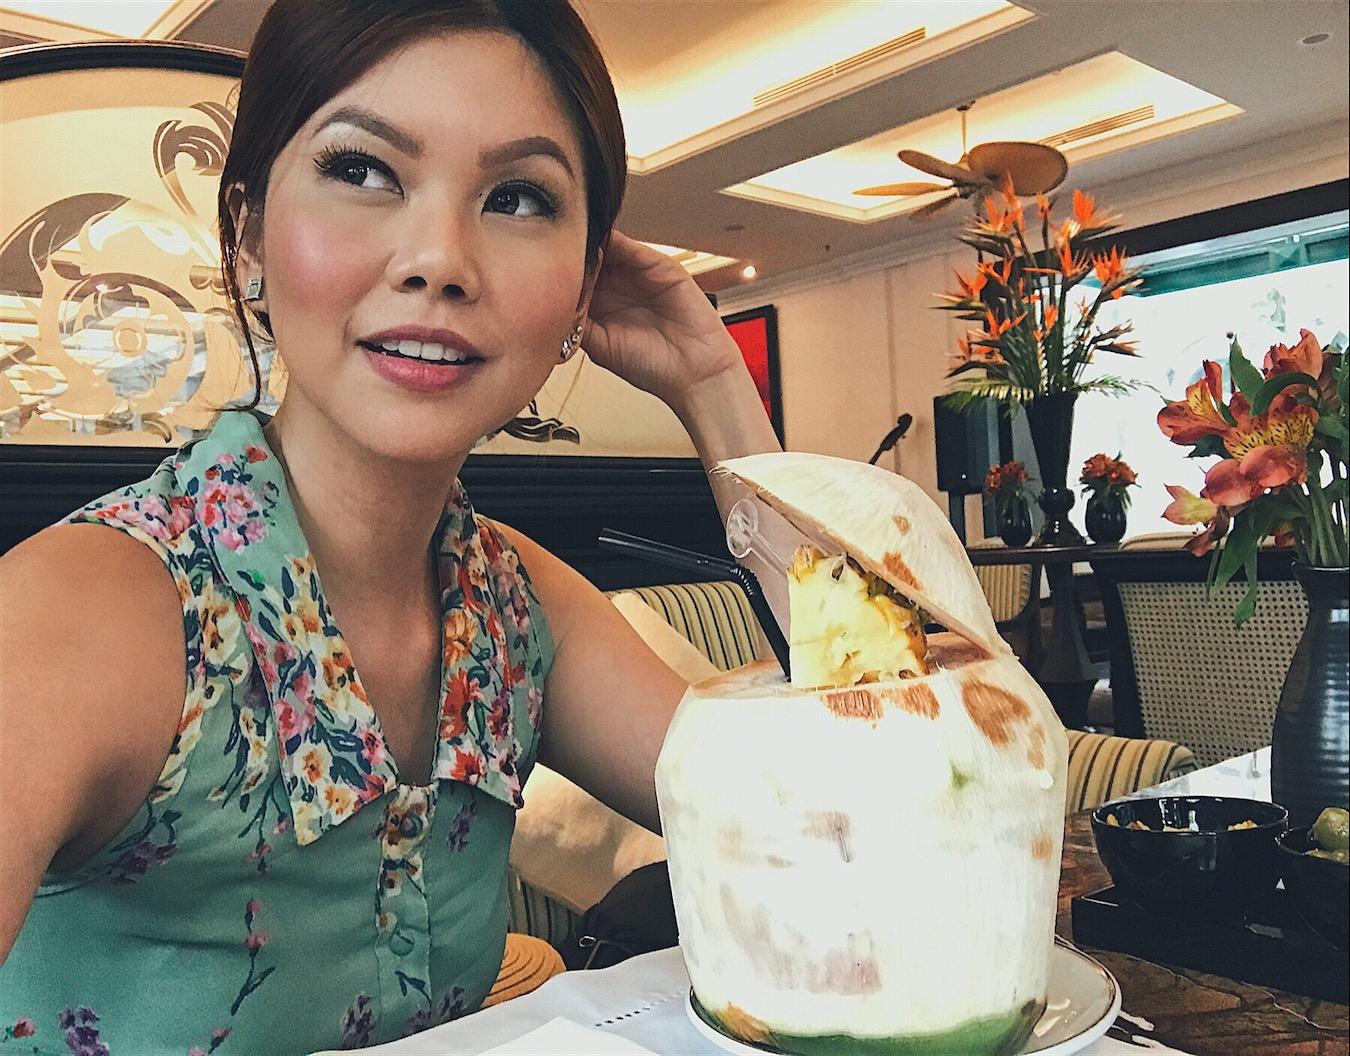 Sofitel Metropole Hanoi Bianca Valerio Vietnamese Food Tour